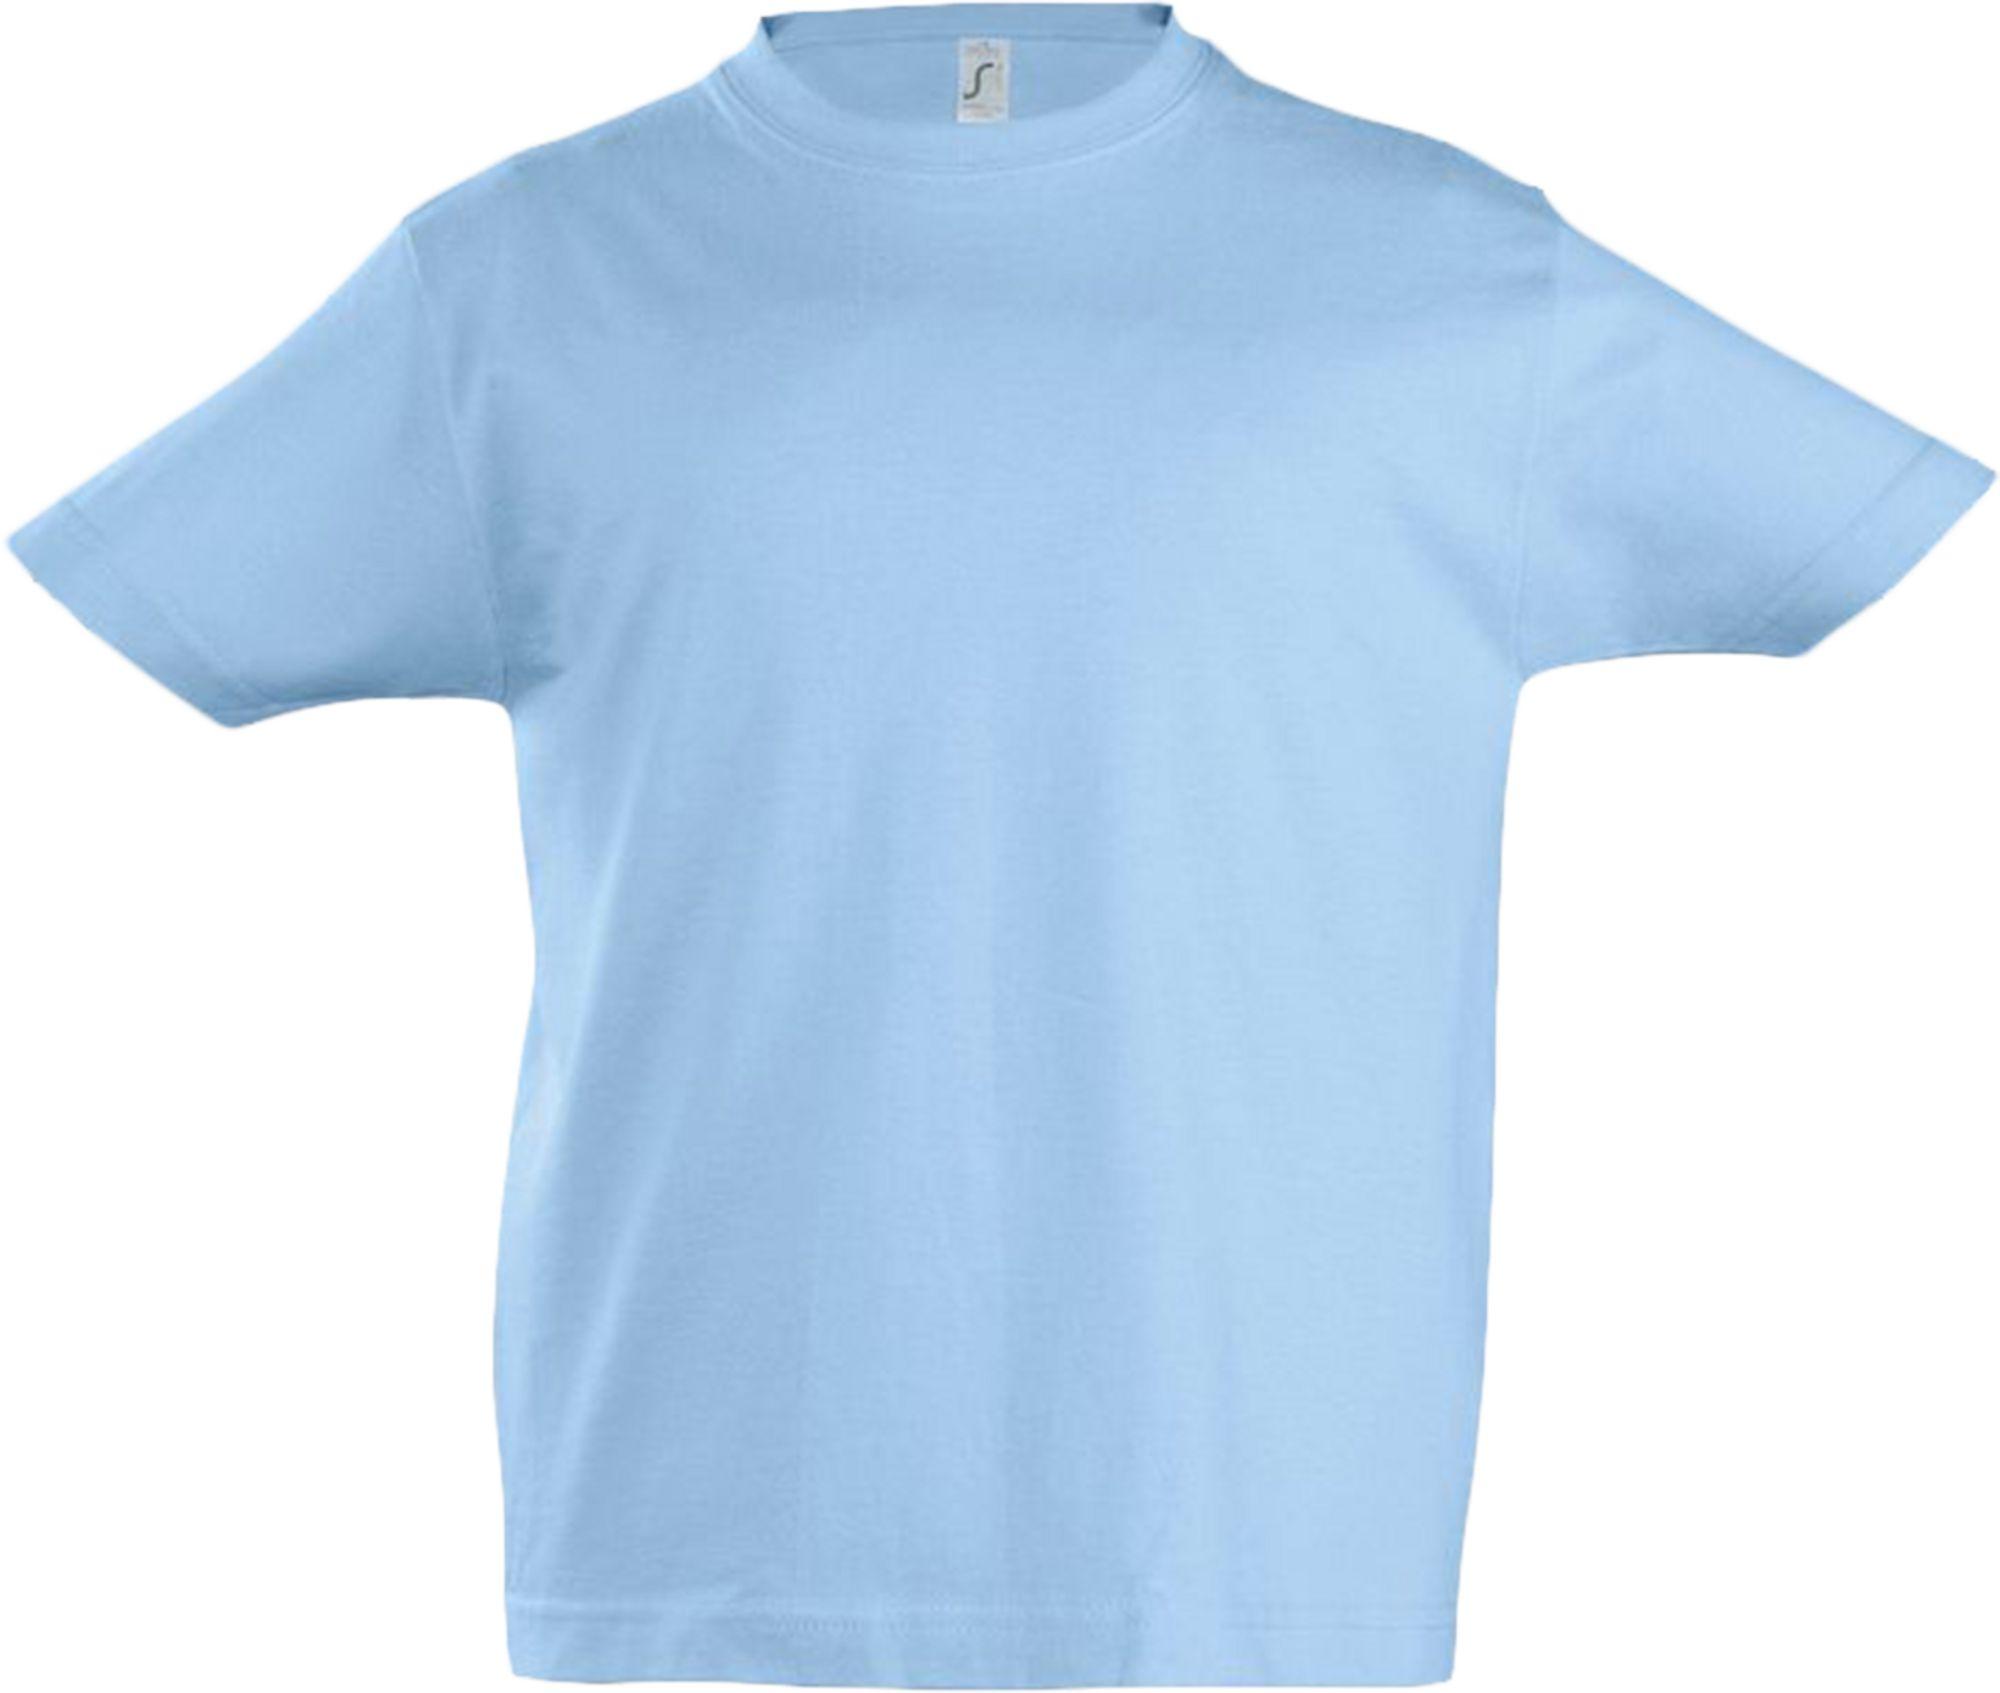 Футболка детская Imperial Kids 190, голубая